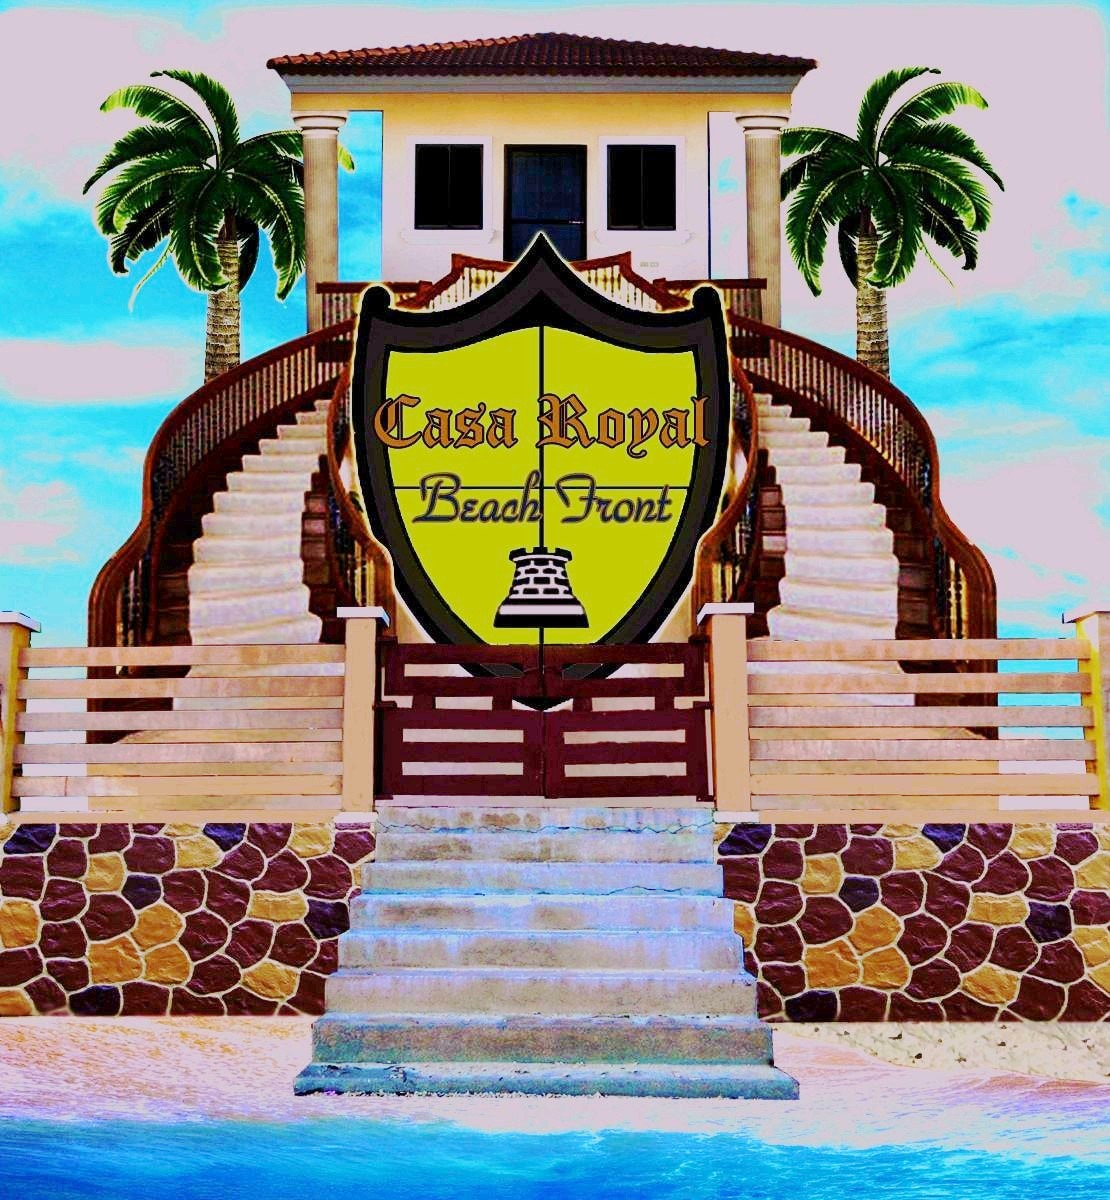 Casa Royal Beach Front - Patio